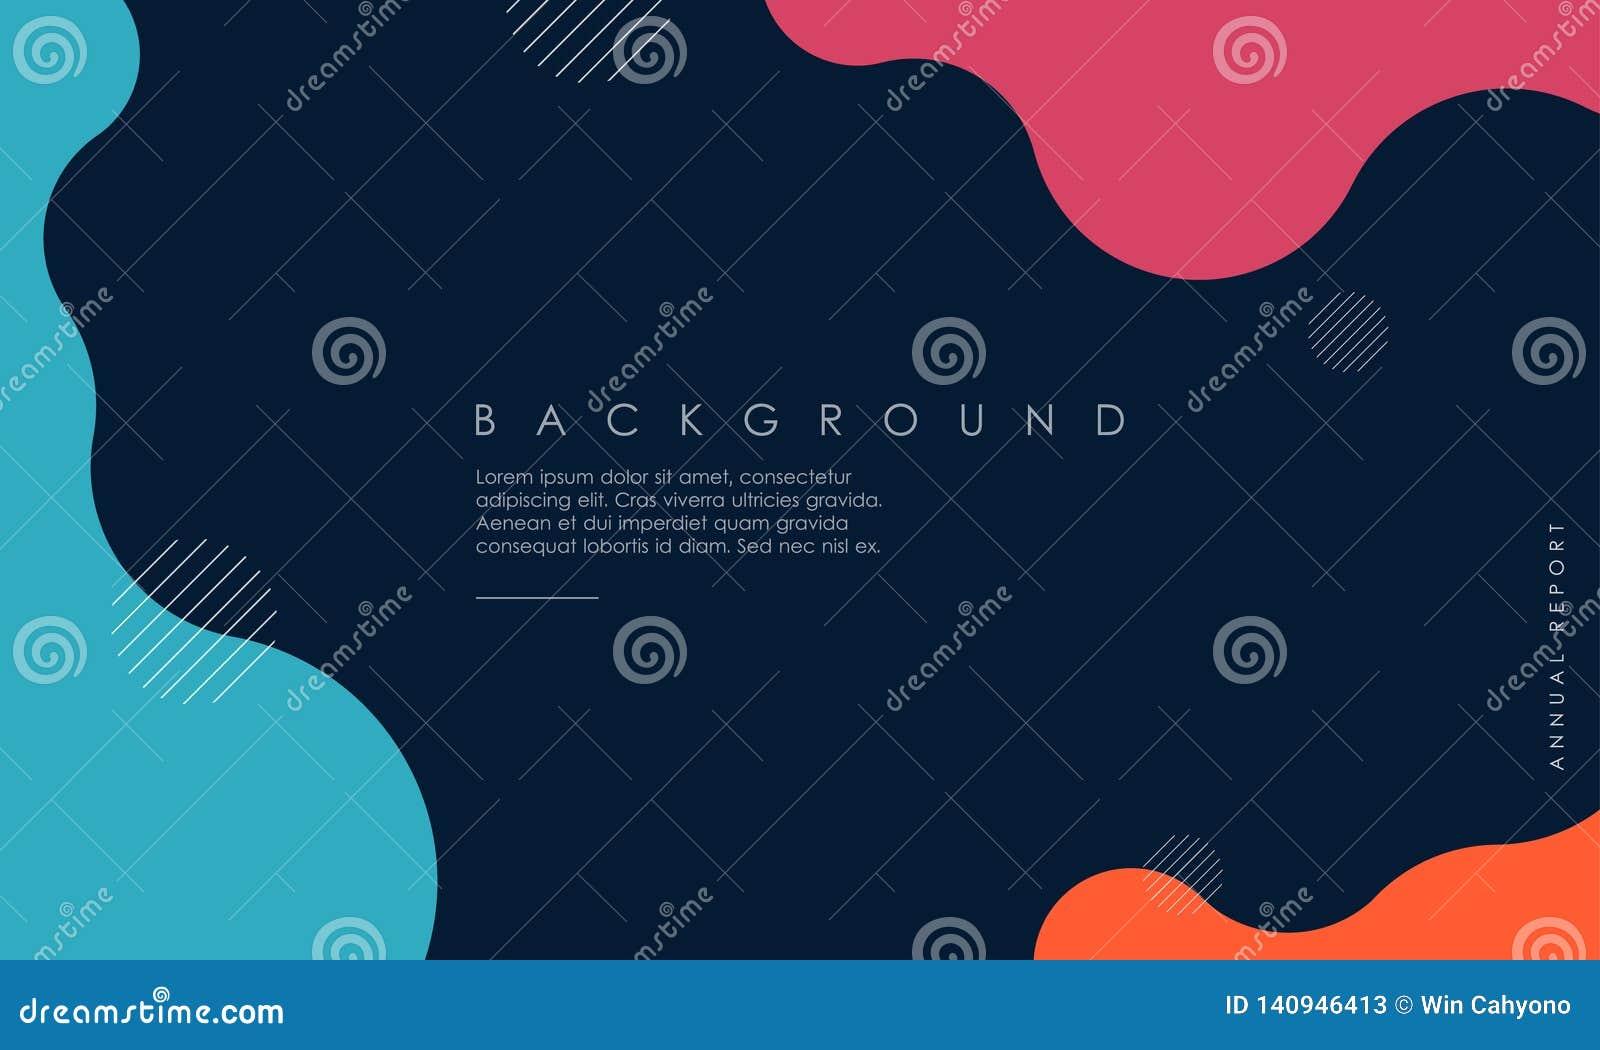 Conception texturisée dynamique de fond dans 3D le style avec bleu, rose, couleur orange